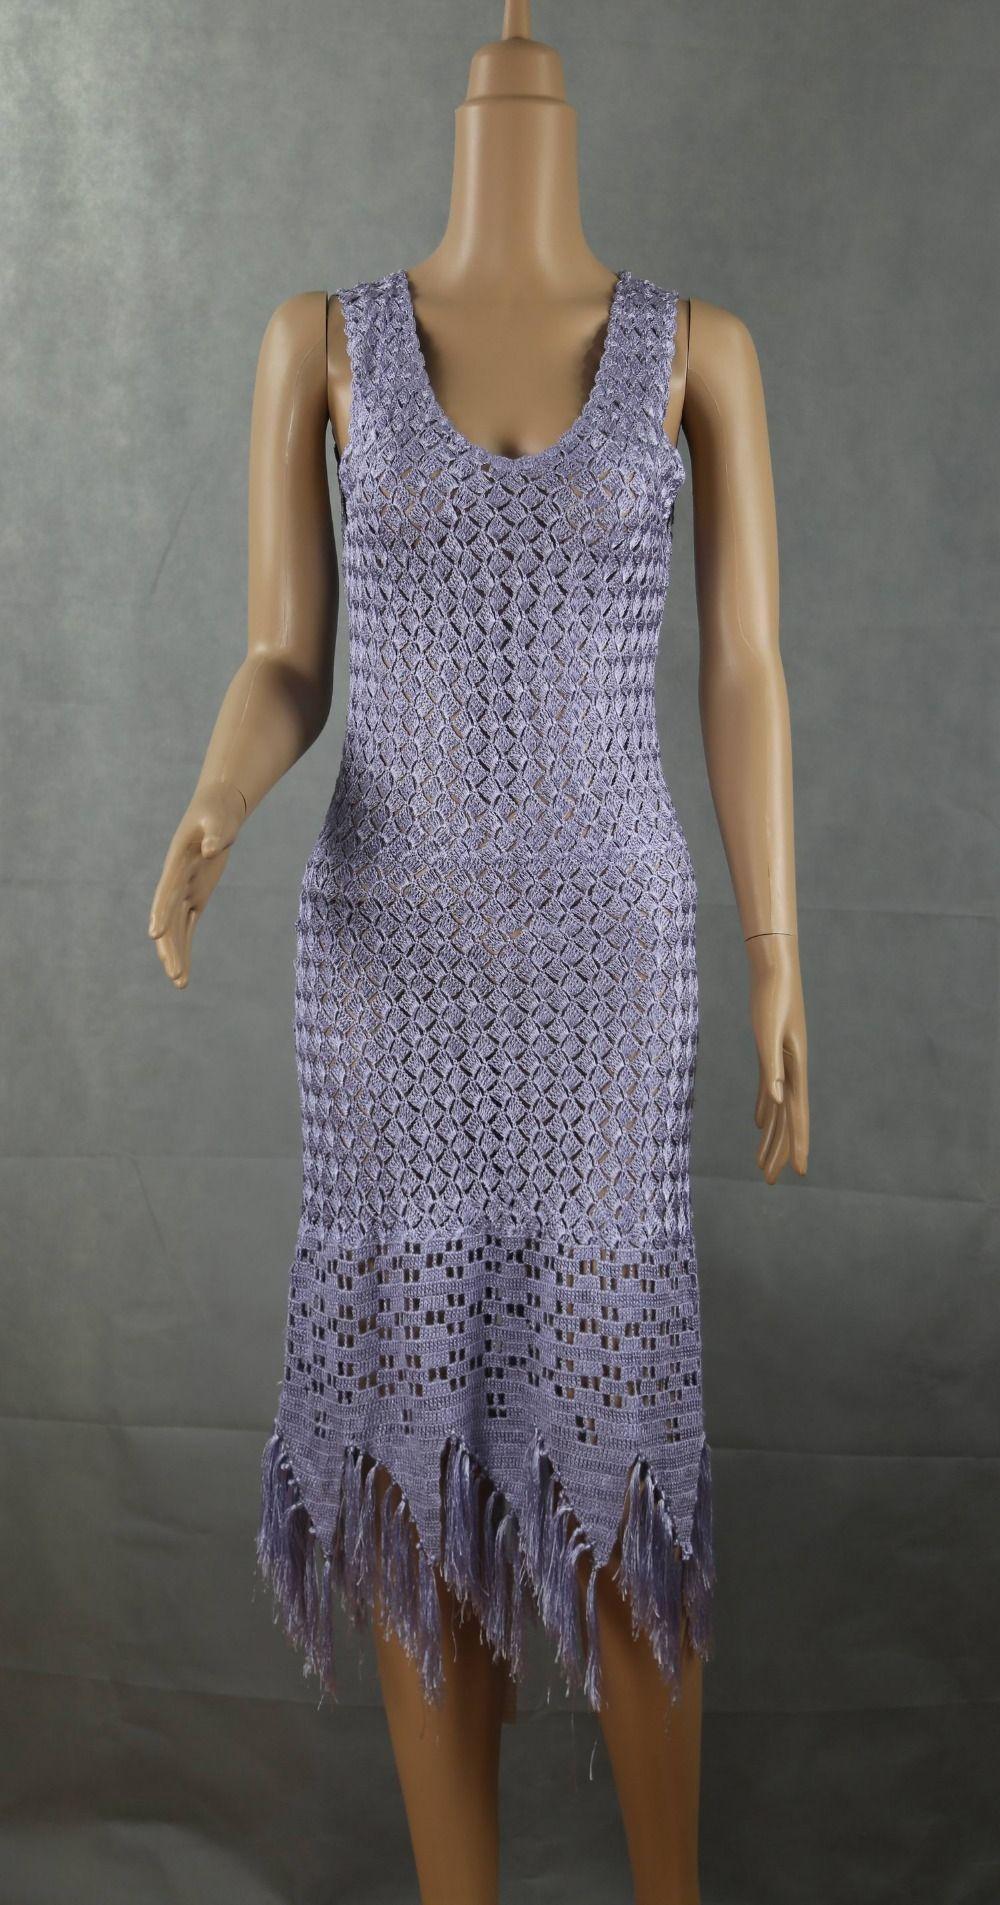 Machine Crochet Cotton Ladies Long Lace Evening Dress - Buy Long ...